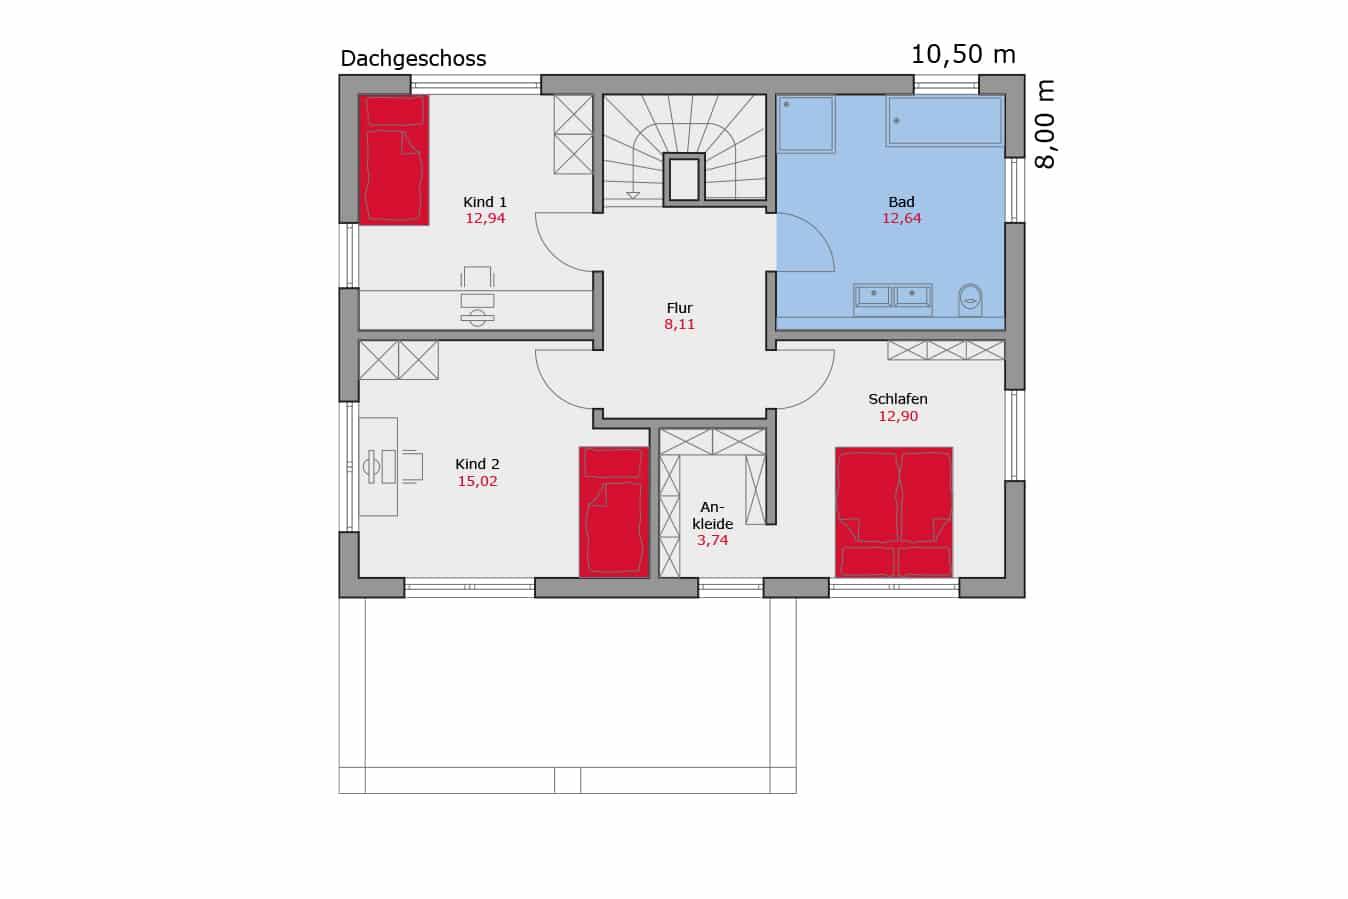 Haus112_Grundriss_Dachgeschoss_Pultdach_Einfamilienhaus_Talbau